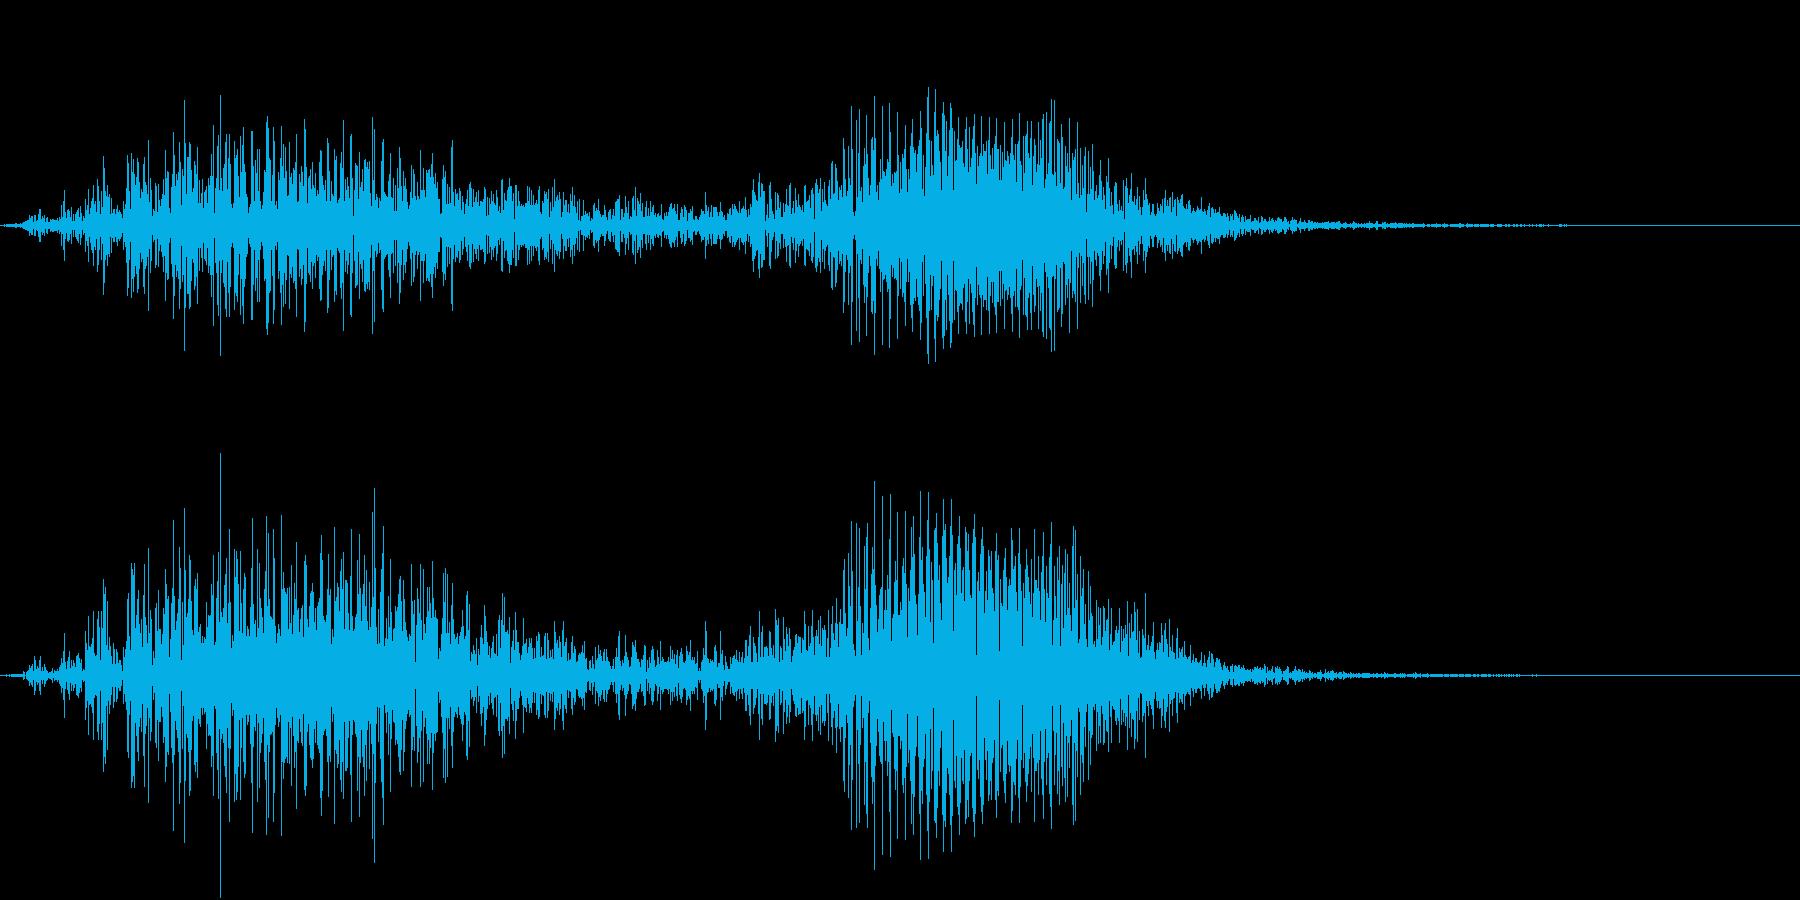 【生録音】アホ!と言っている様な鳥の声の再生済みの波形